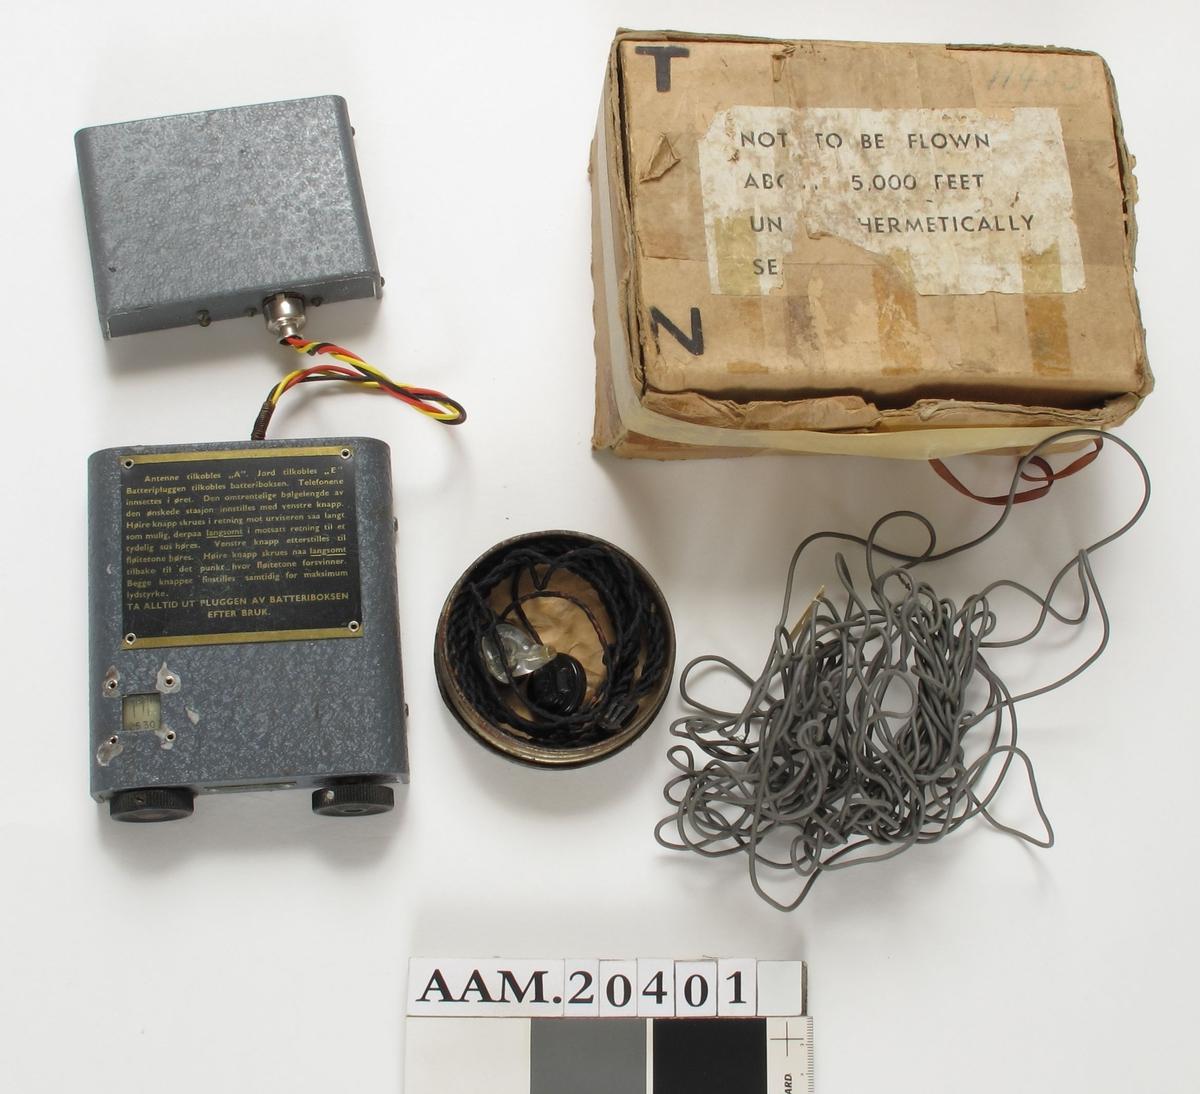 """Radiomottaker,  kalt   Sweetheart"""",   med øretelefoner, antenne og batteriboks.   a) Radiomottaker.   Metall,  malt militærgrått med """"ruflet"""" mønster.   Flat rektang. boks, på den ene side med avrundede langsider.   H. u.knapper 12,2. Total H. 13,3. B. 11. Dybde 3.  I den ene kortside to stilleknapper/hjul, mellom dem metallskilt med nr. 14724. felt med skala, i øvre del stor sort tekstfelt med tekst i gull med bruksanvisni  b) Antenneboks,   metall,  gråmalt.   H. 10,5. B. 7,8. Dybde 2,5.  Lite sort stempel: 191. Tom for batterier.    c) Antenne.  grå, tynn ledning, flere meter. med Gummibelagt med stålwire inni.    d) Rund metalldåse med flatt lokk.   Diam. 8,2.  Inni denne ligger to små øretelefoner med sort snodd ledning.  Selve øreapparatet er av sort bakelitt og klart glass. Noe rødbrun lakk  i tuppene, litt på ledningen og inni kanten av lokket. Merket:   Pat. Pend. F 4, og Brush.    e) Pappeske.   H. 7,5. L. 19,5. B. ca. 15.  Th. på lokket med blå blyant: 11403. Hvit etikett med sort  tekst:   Not to be flown above 5,000 Feet Un.hermetically Se.""""  (avrevet)."""